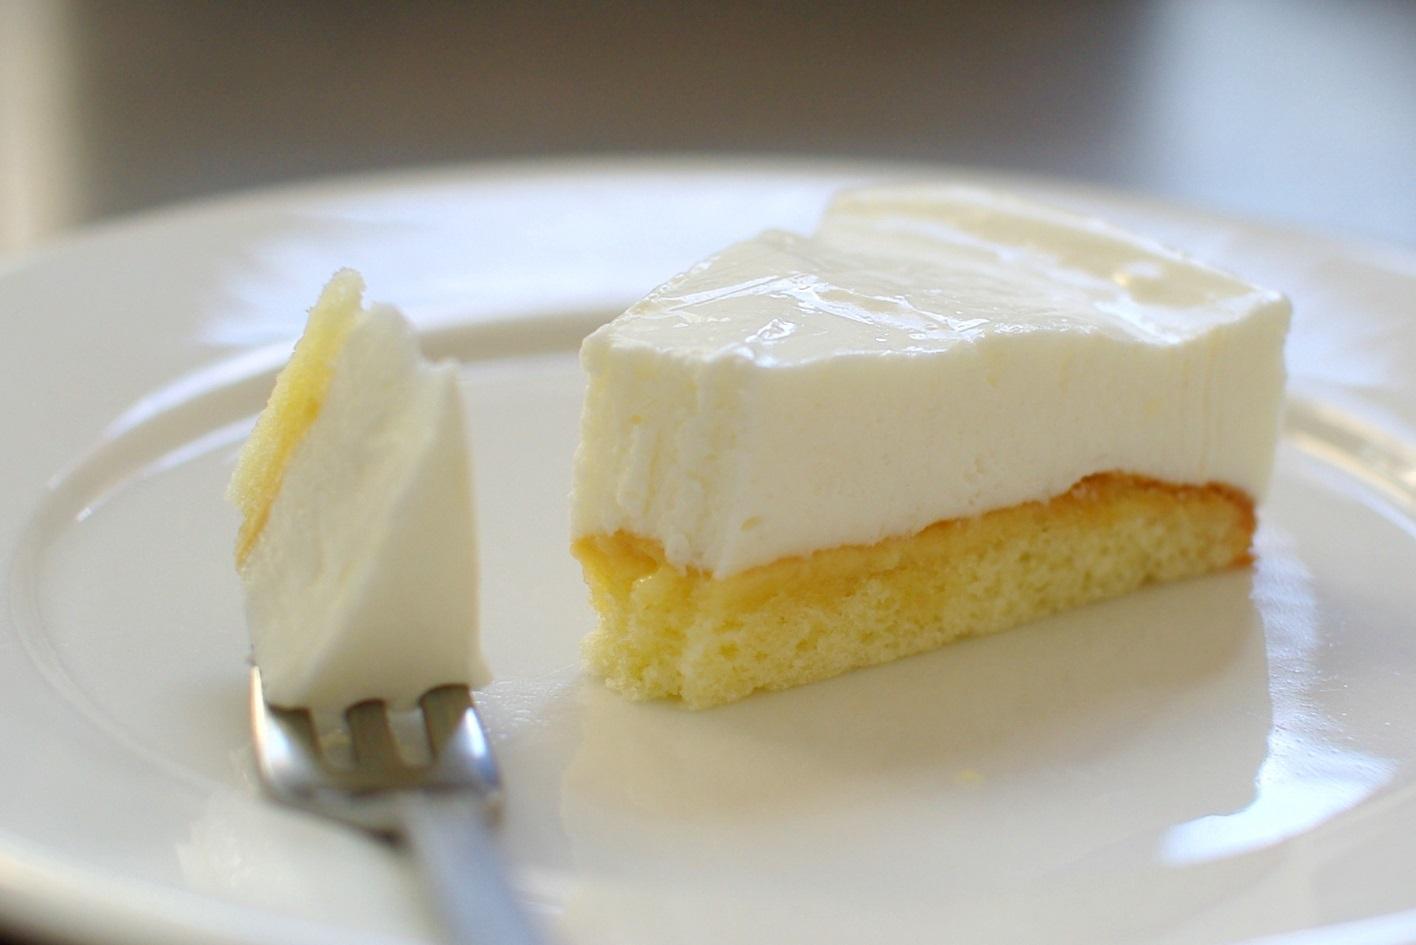 水切りヨーグルトでレアチーズケーキ風(クリームチーズなし)_c0110869_10582830.jpg